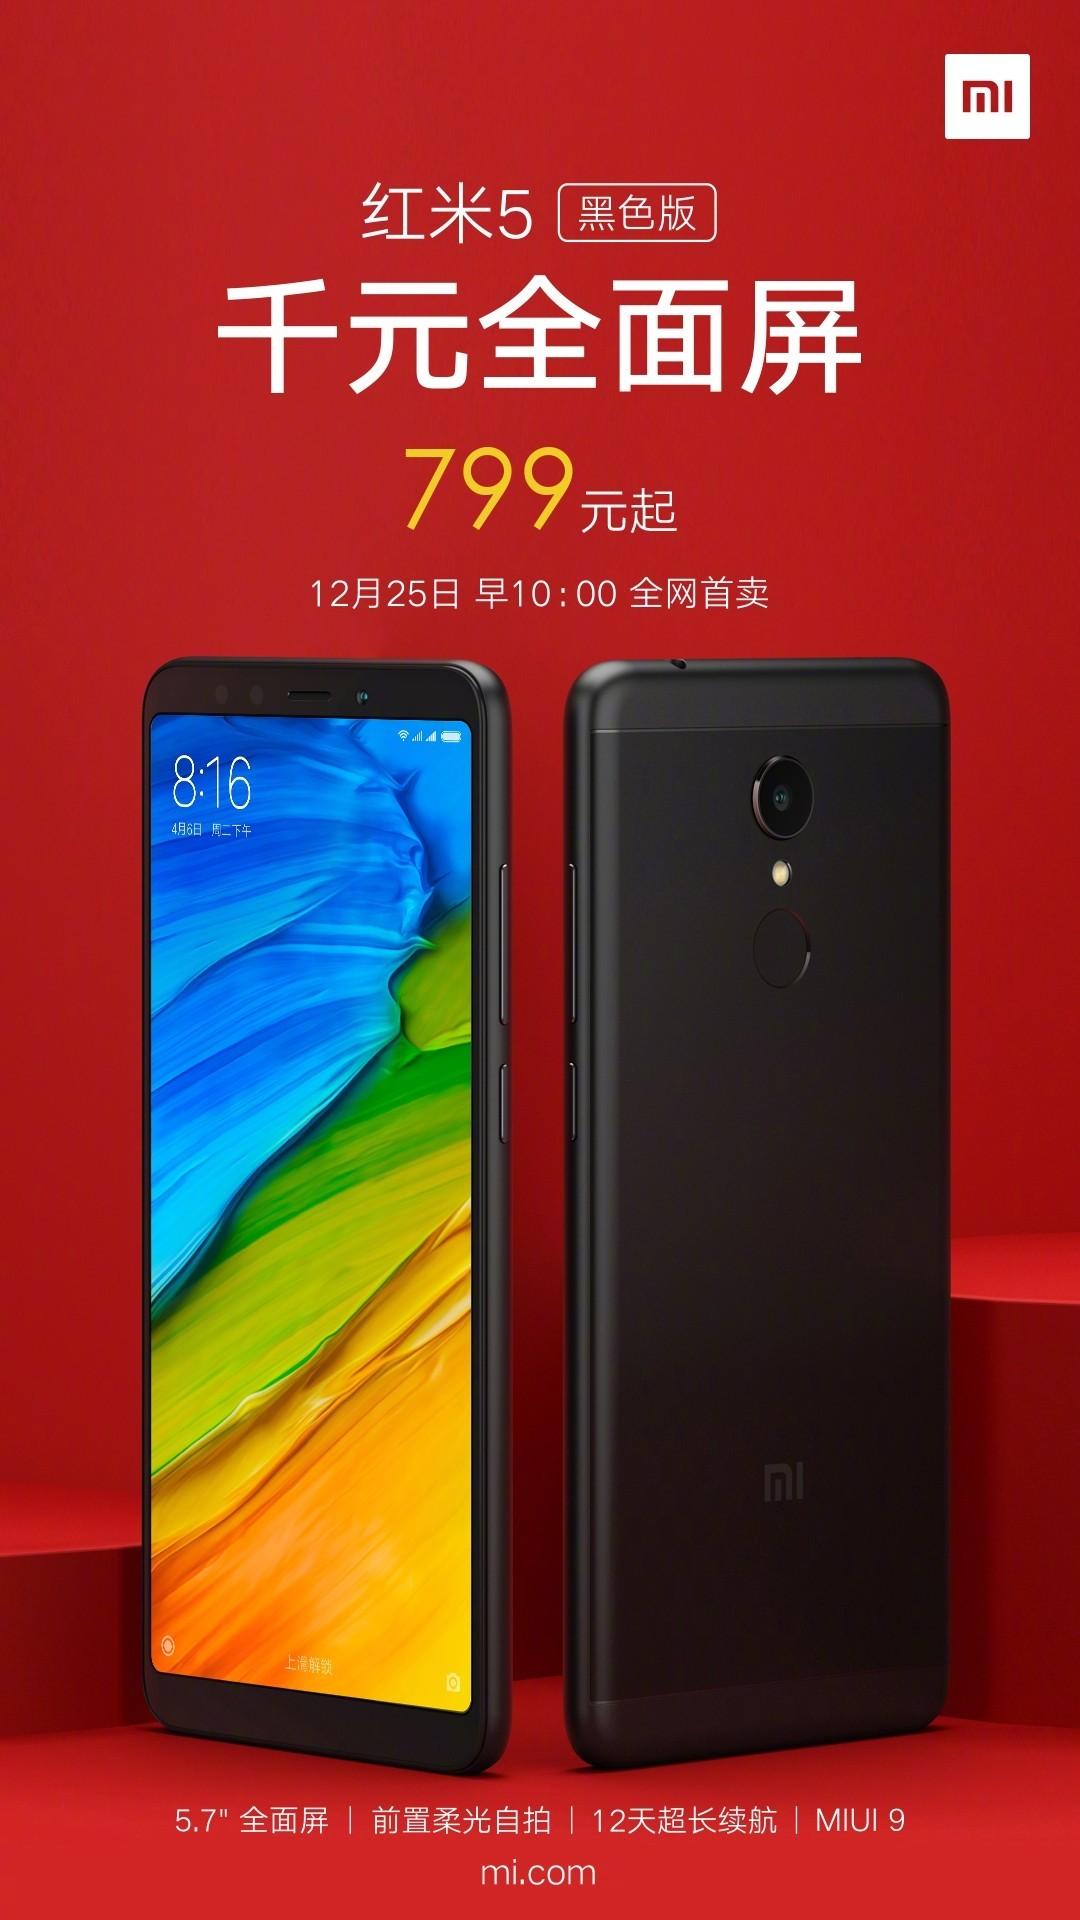 Xiaomi Redmi 5 nero disponibile dal 25 dicembre